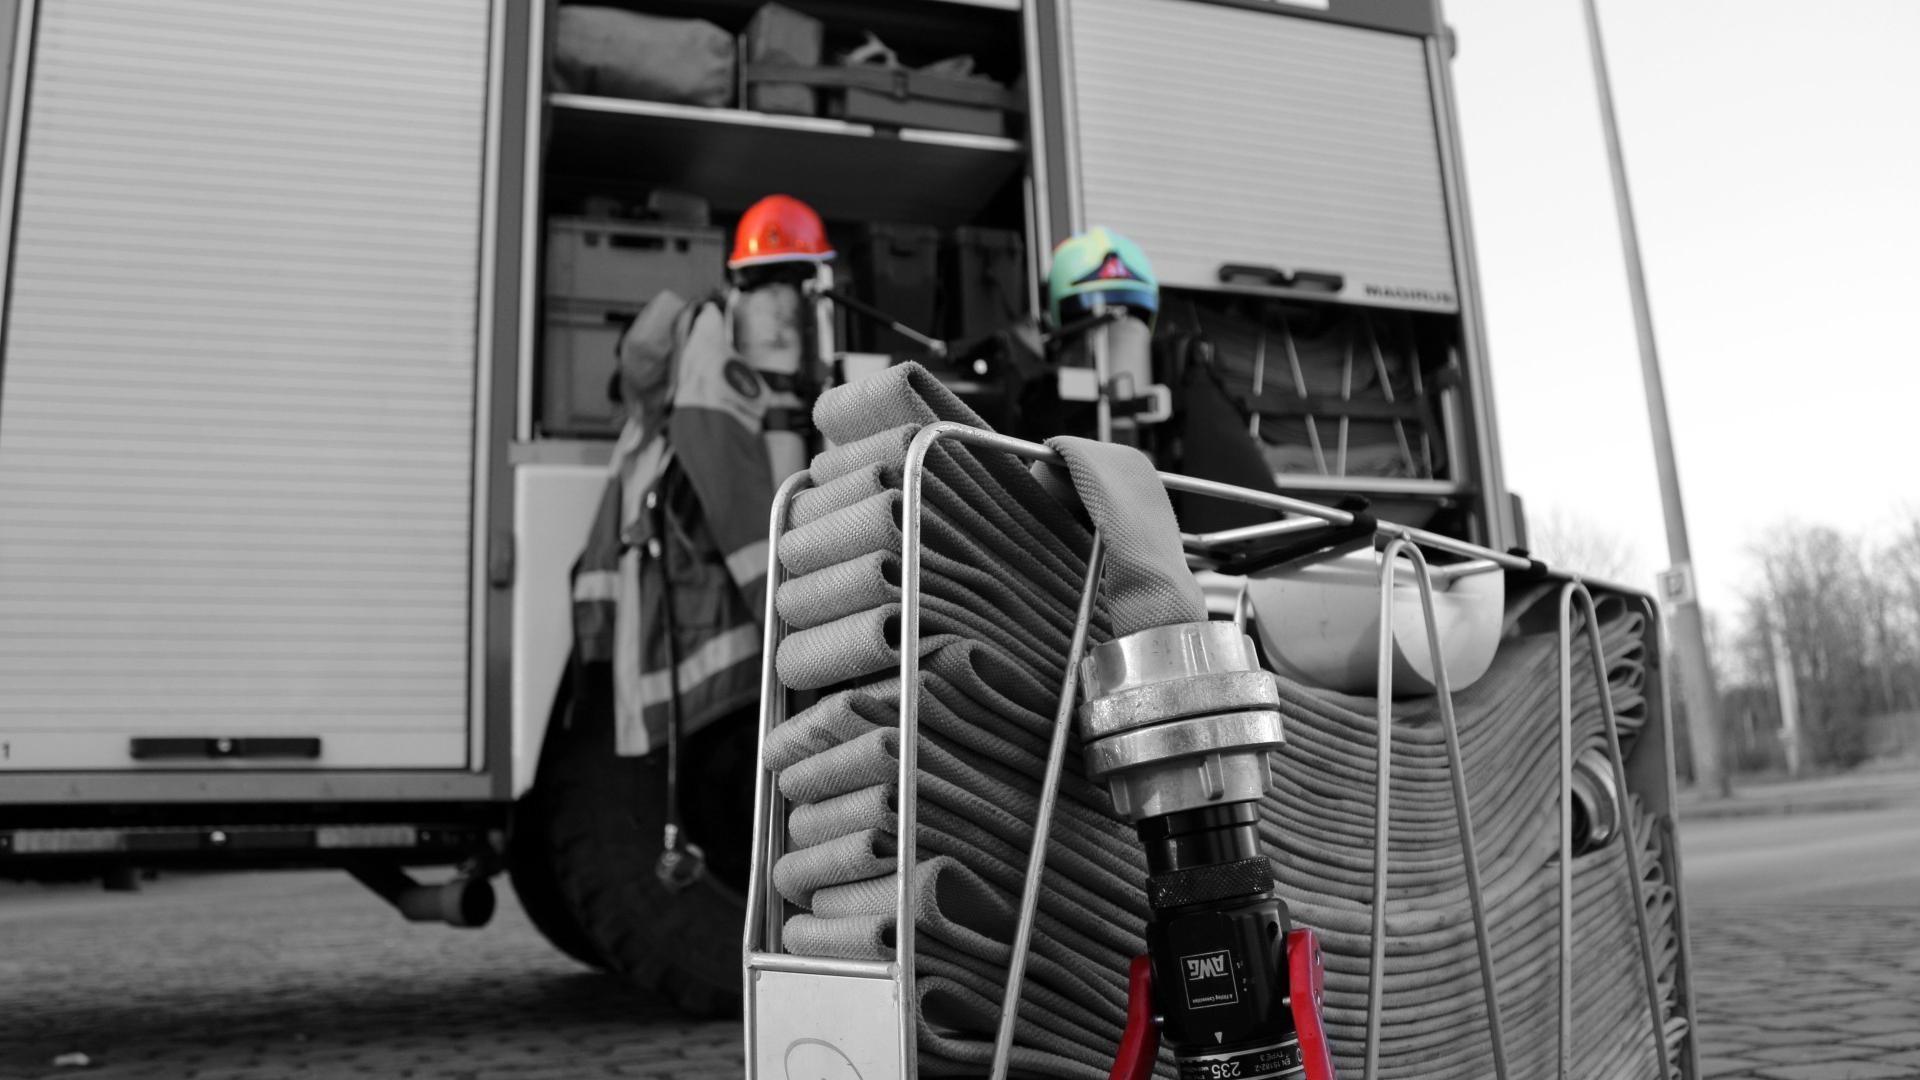 Water lights fire trucks firefighter phone wallpaper | (57227)